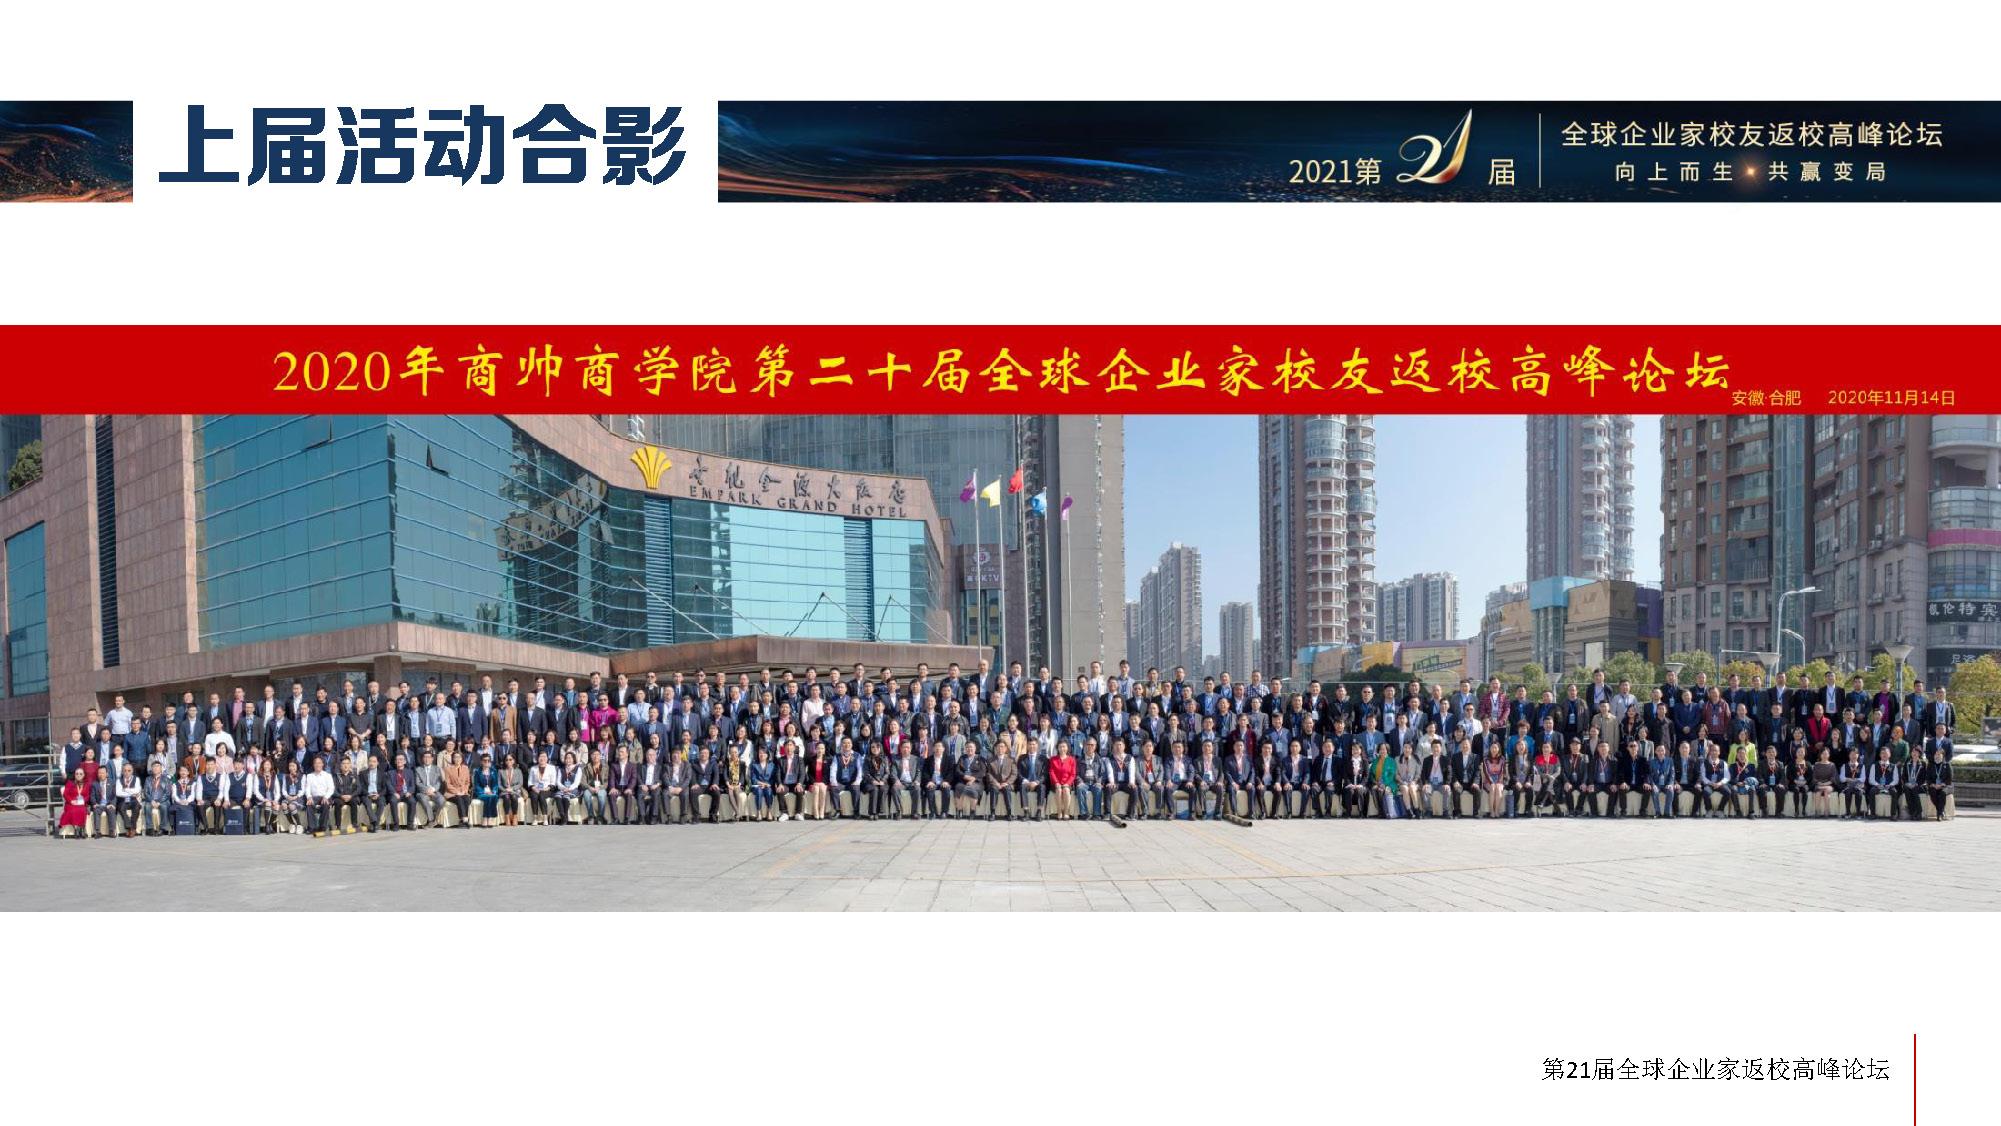 【商务合作】商帅第21届全球企业家返校高峰论坛_页面_06.jpg